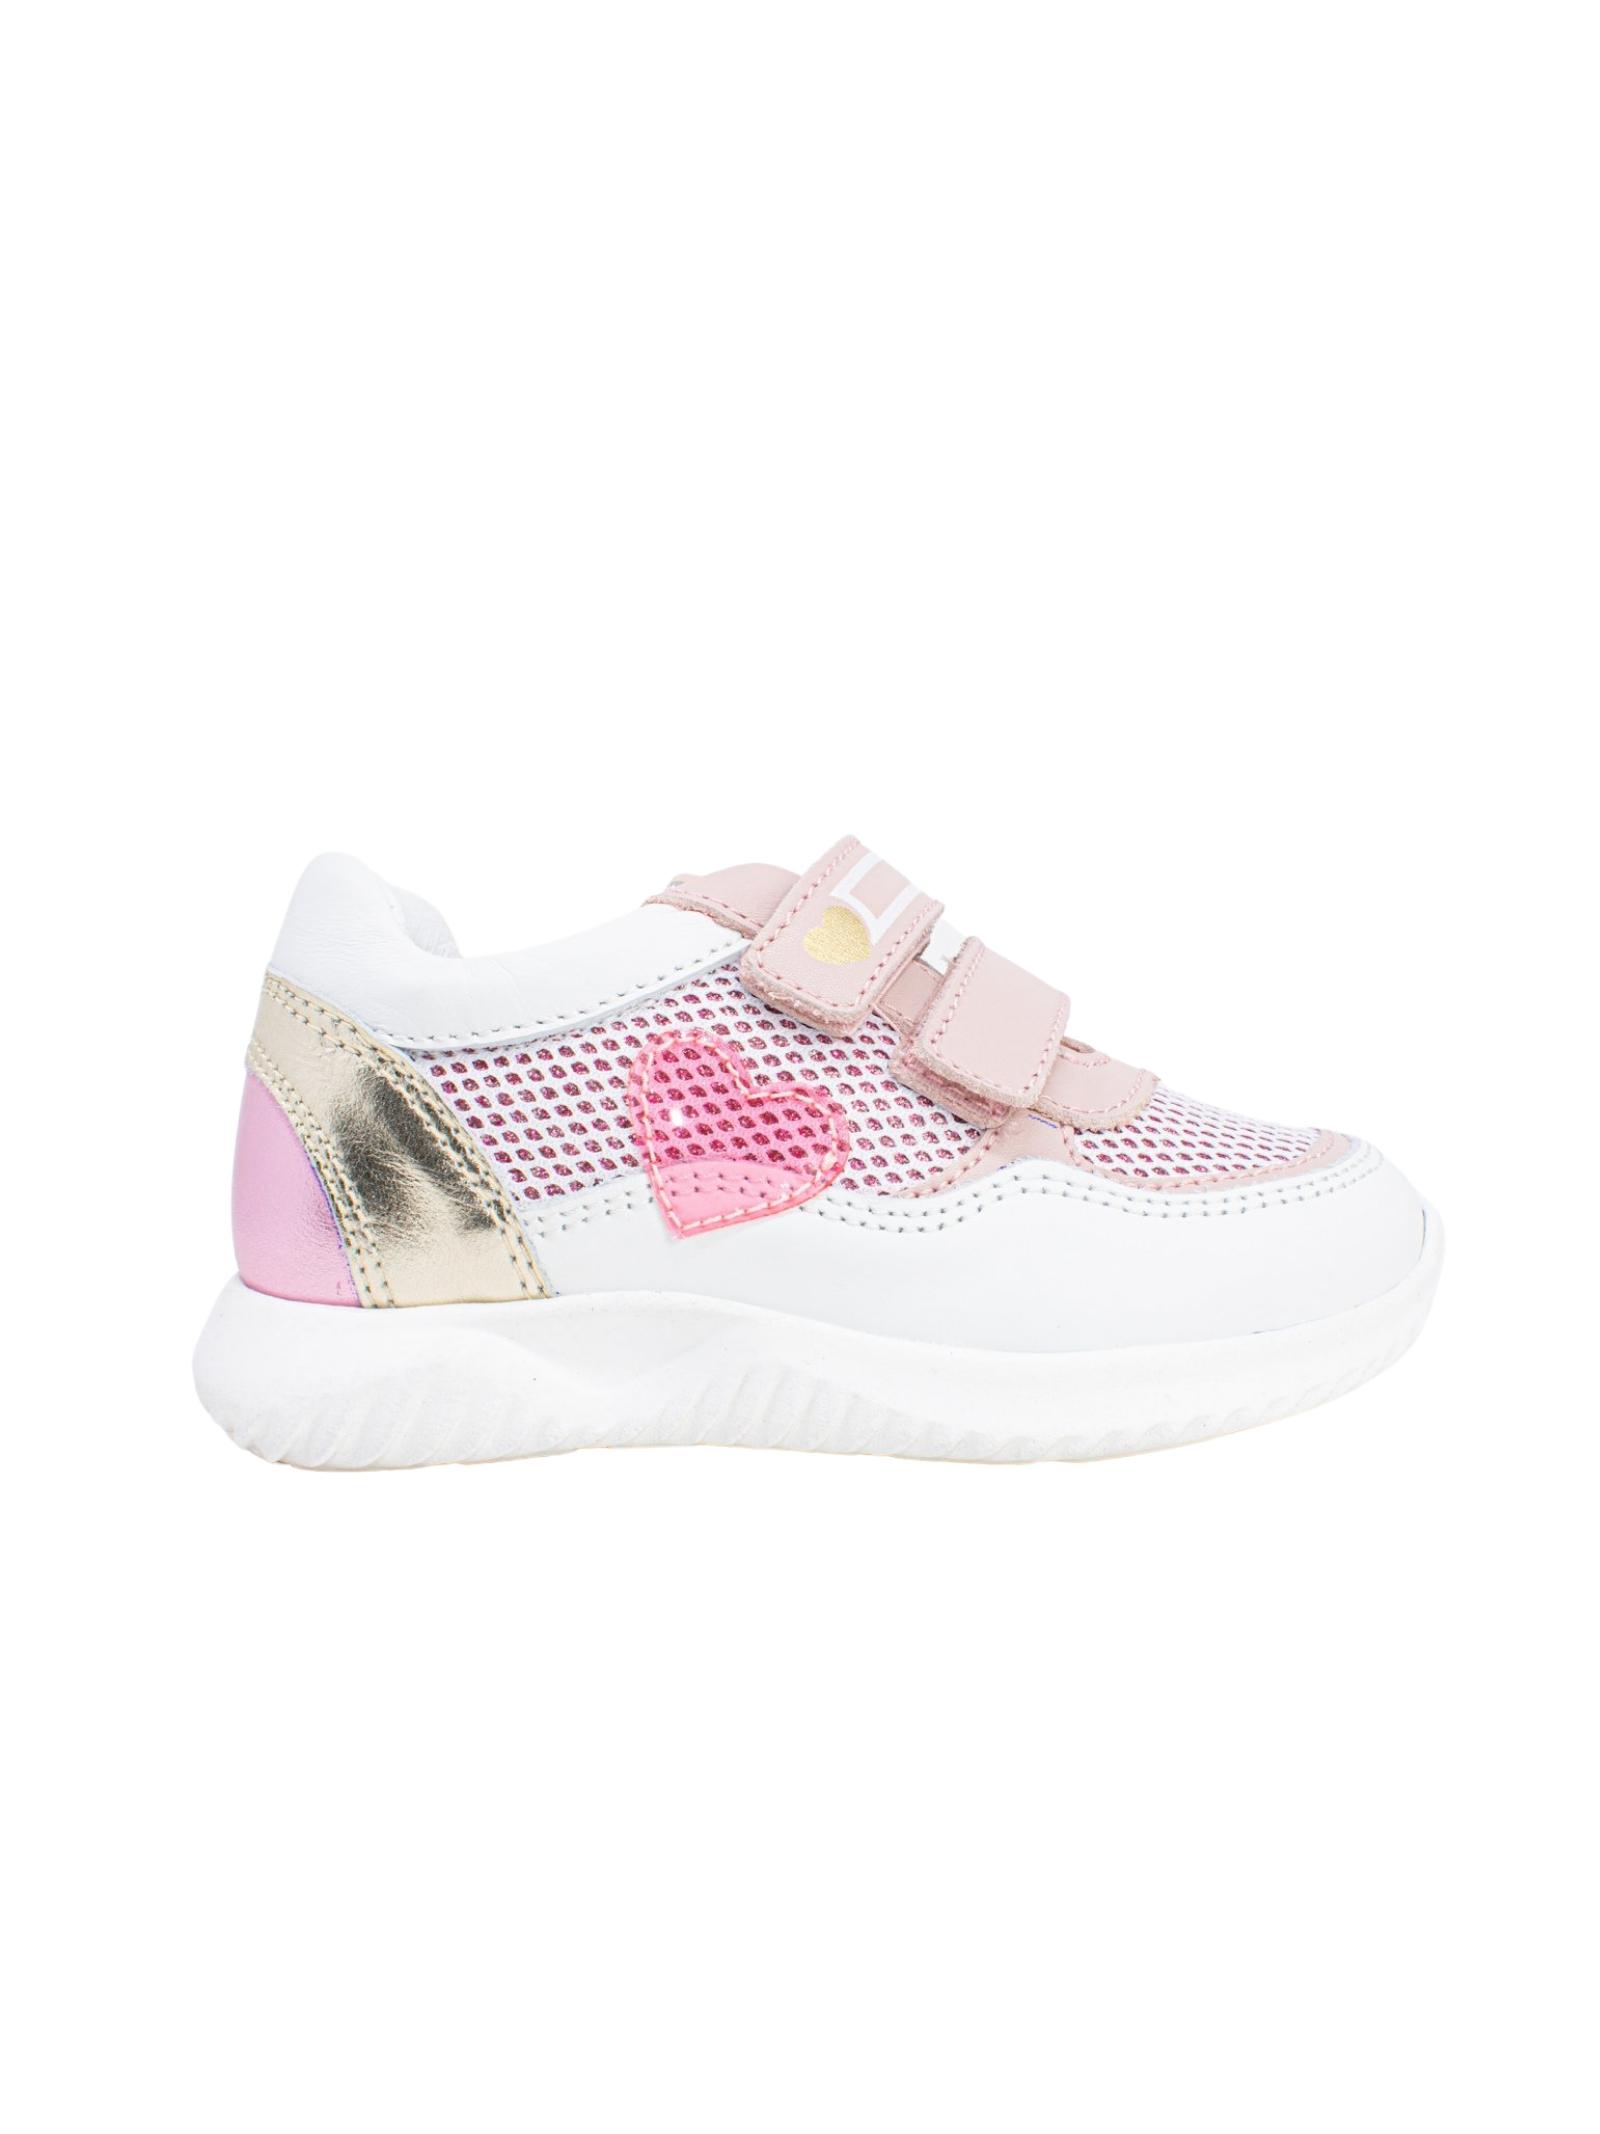 Sneakers Net BALDUCCI | Sneakers | MSPO3753B13662